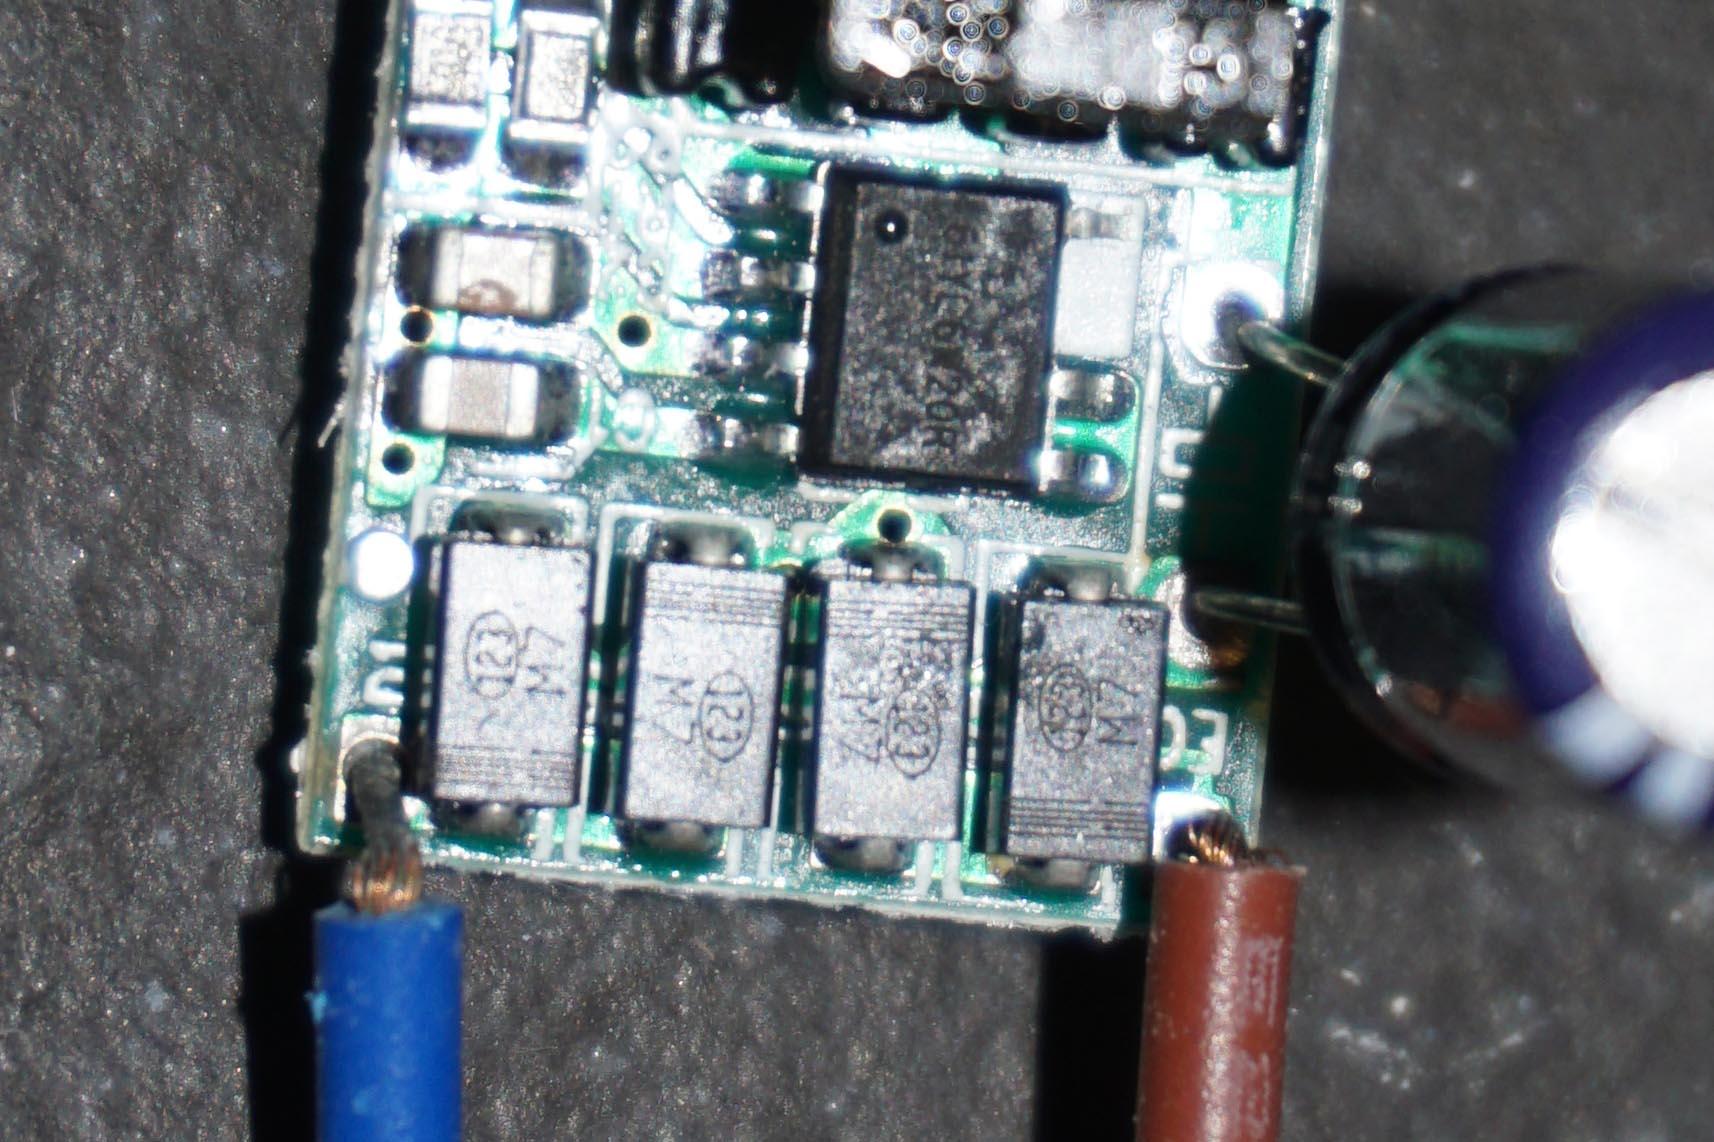 AC-Konstantstromquelle 600mA für Led wird heiß - Mikrocontroller.net